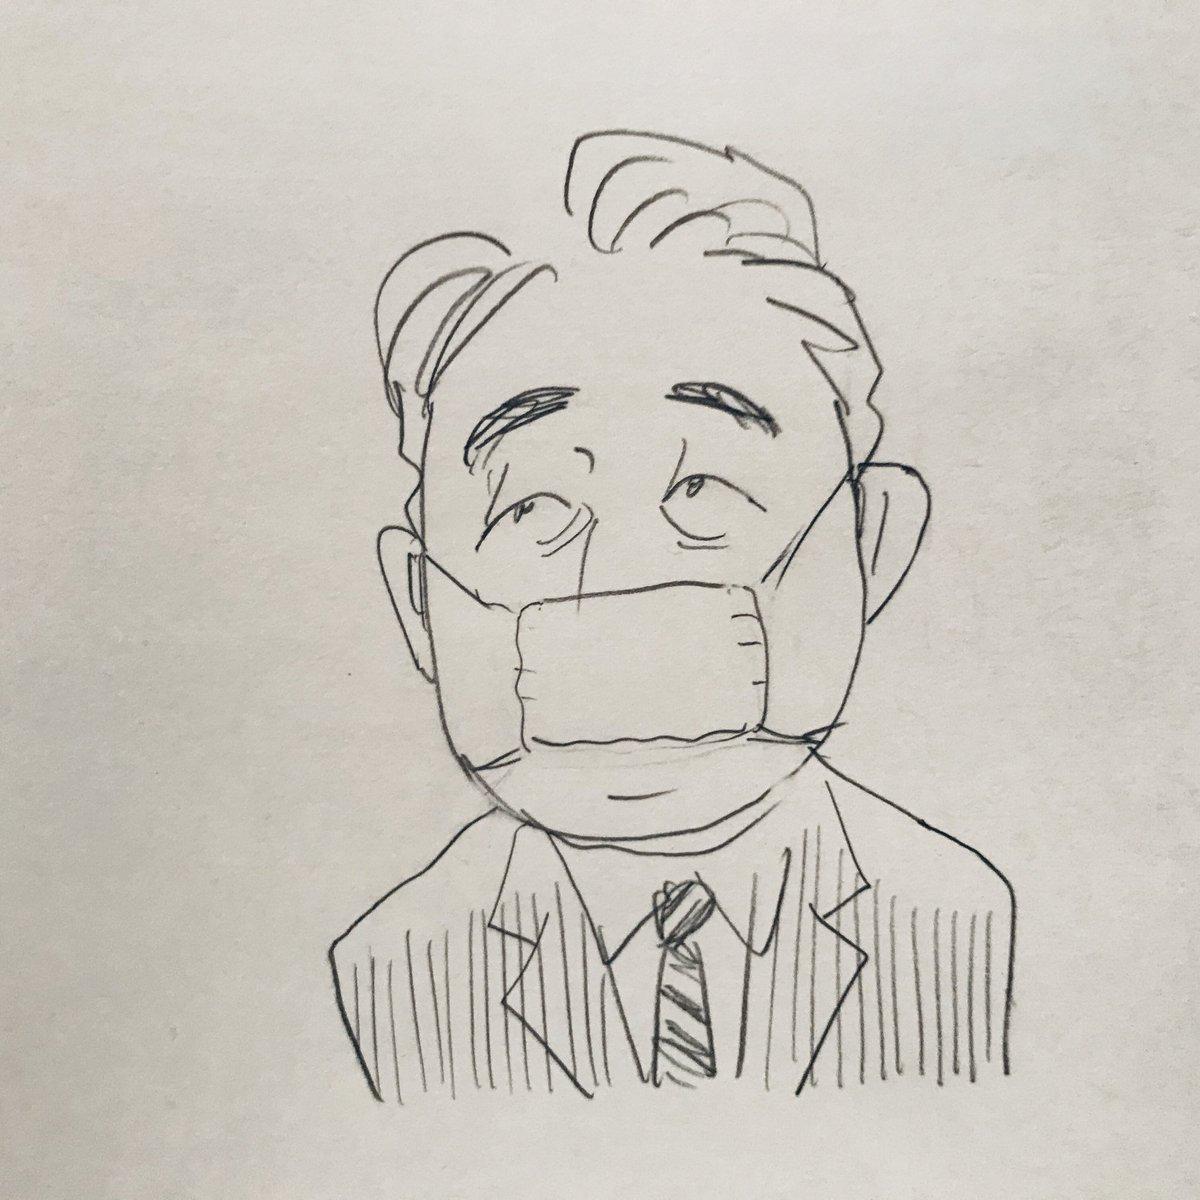 コロナ 嘲笑 浦沢直樹氏 アベノマスク 浦沢さんに関連した画像-02